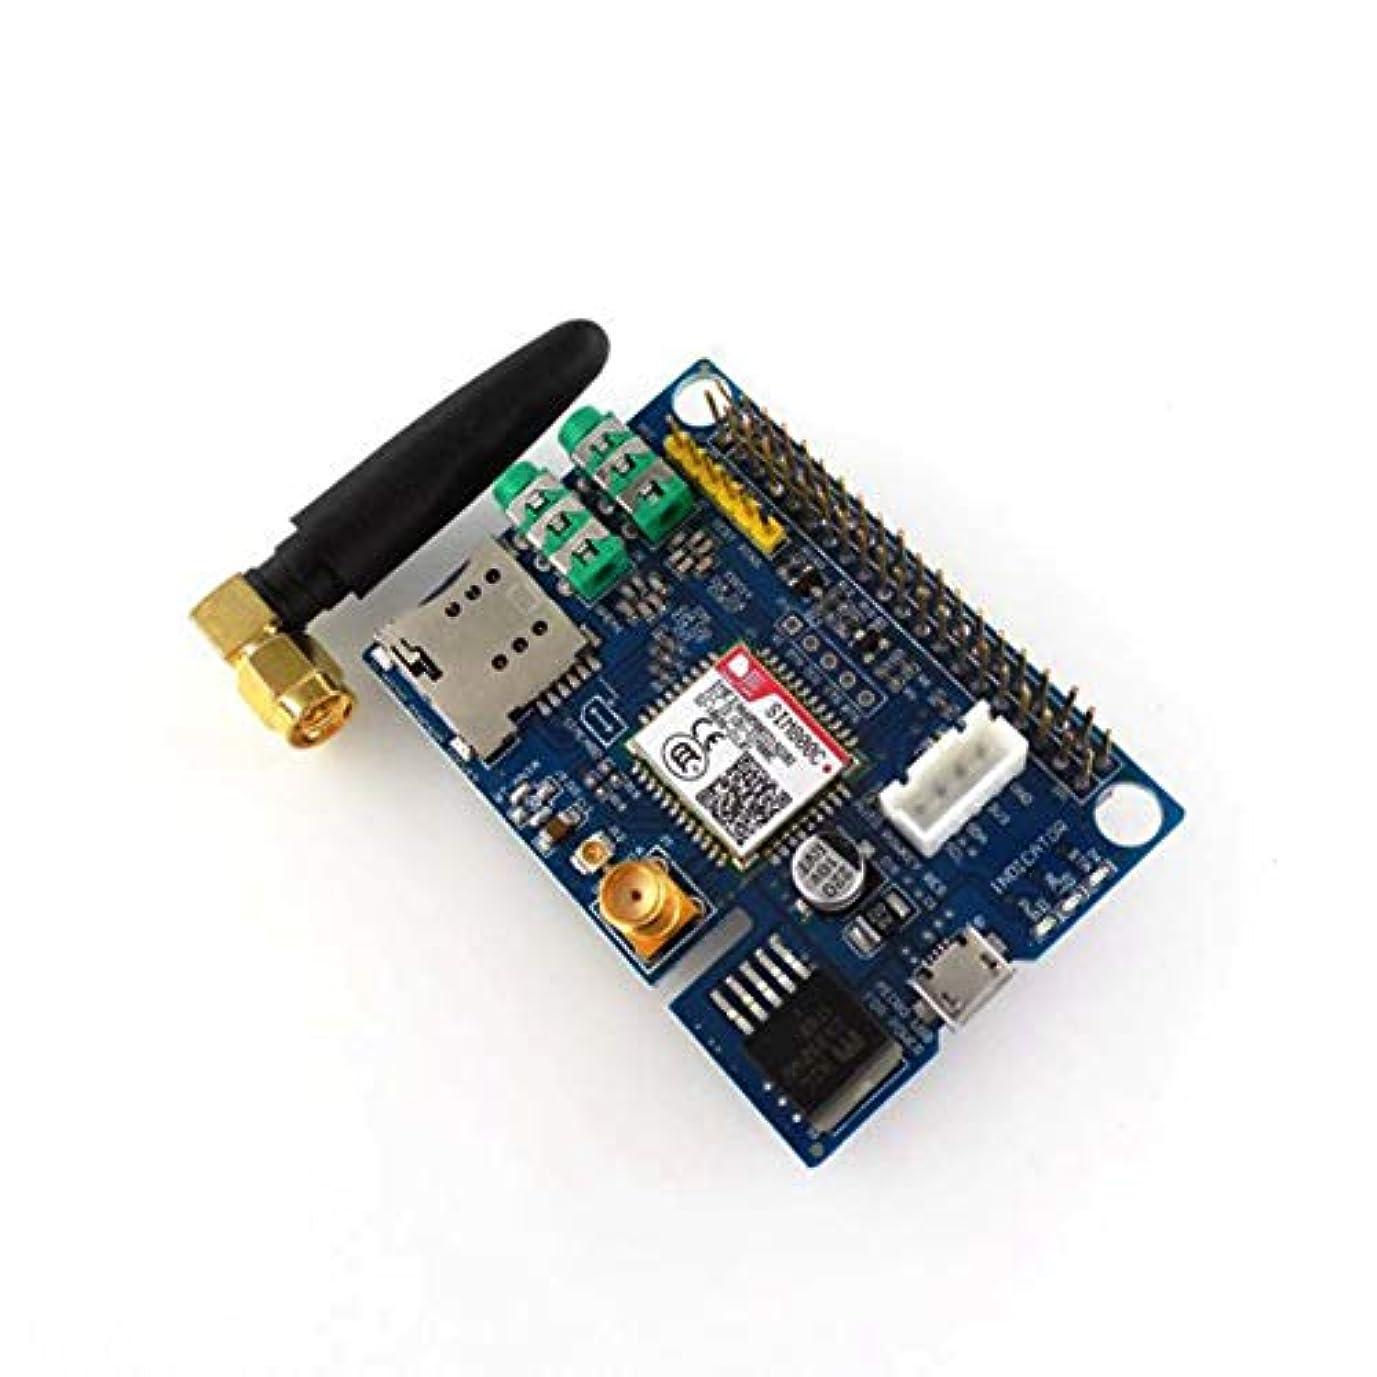 腹調和苦痛Raspberry Piに適したプロフェッショナルな小型SIM800C GSM GPRSモジュールクワッドバンド開発ボードモジュール-ブルー&シルバー